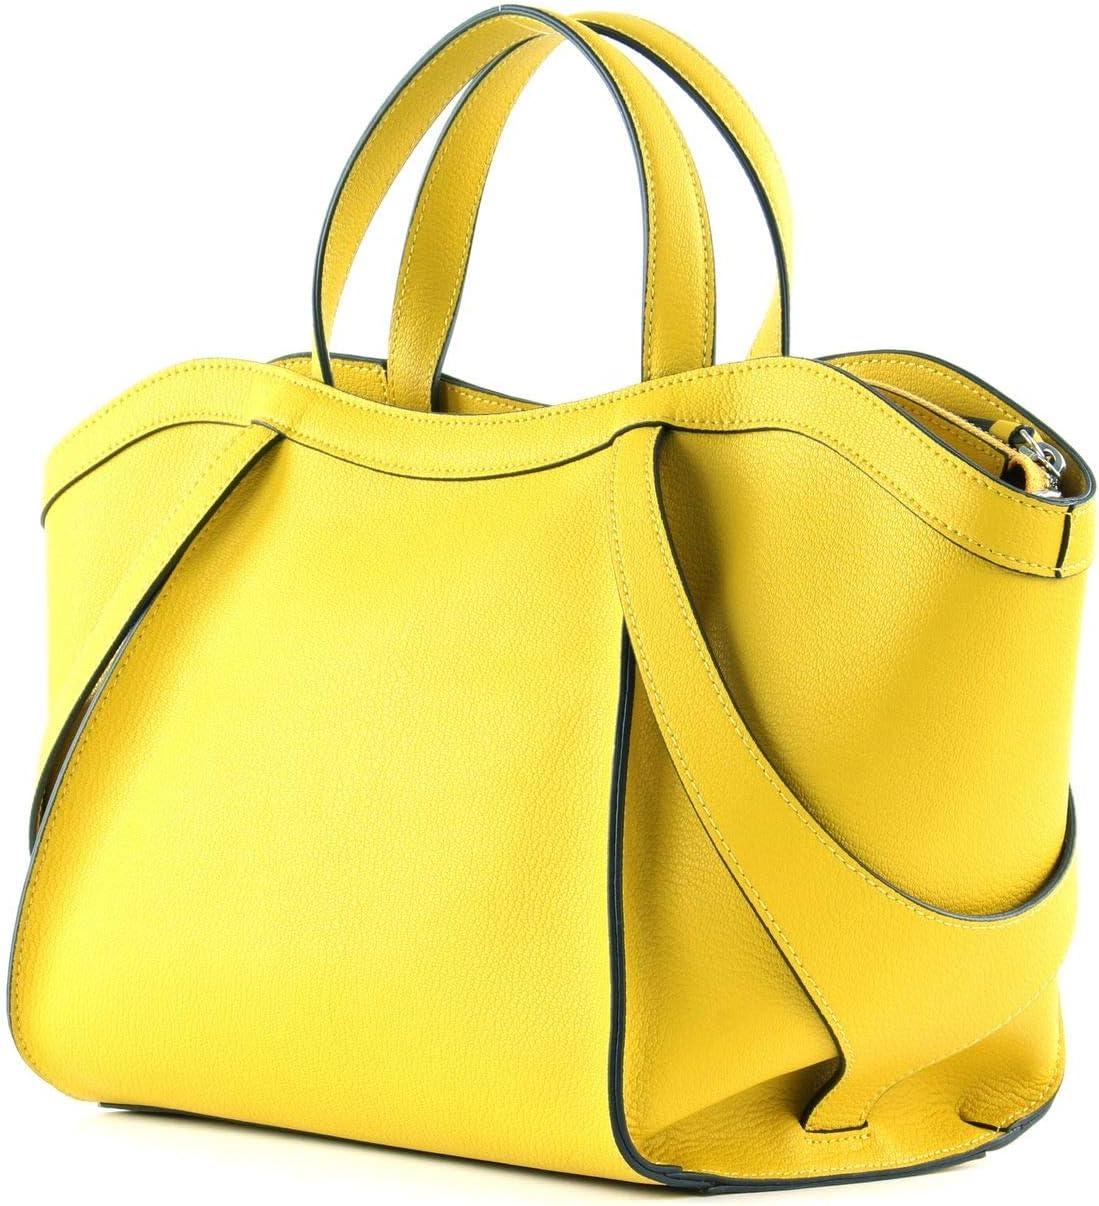 La Martina Handbag Solana Nugget Gold Nugget Gold